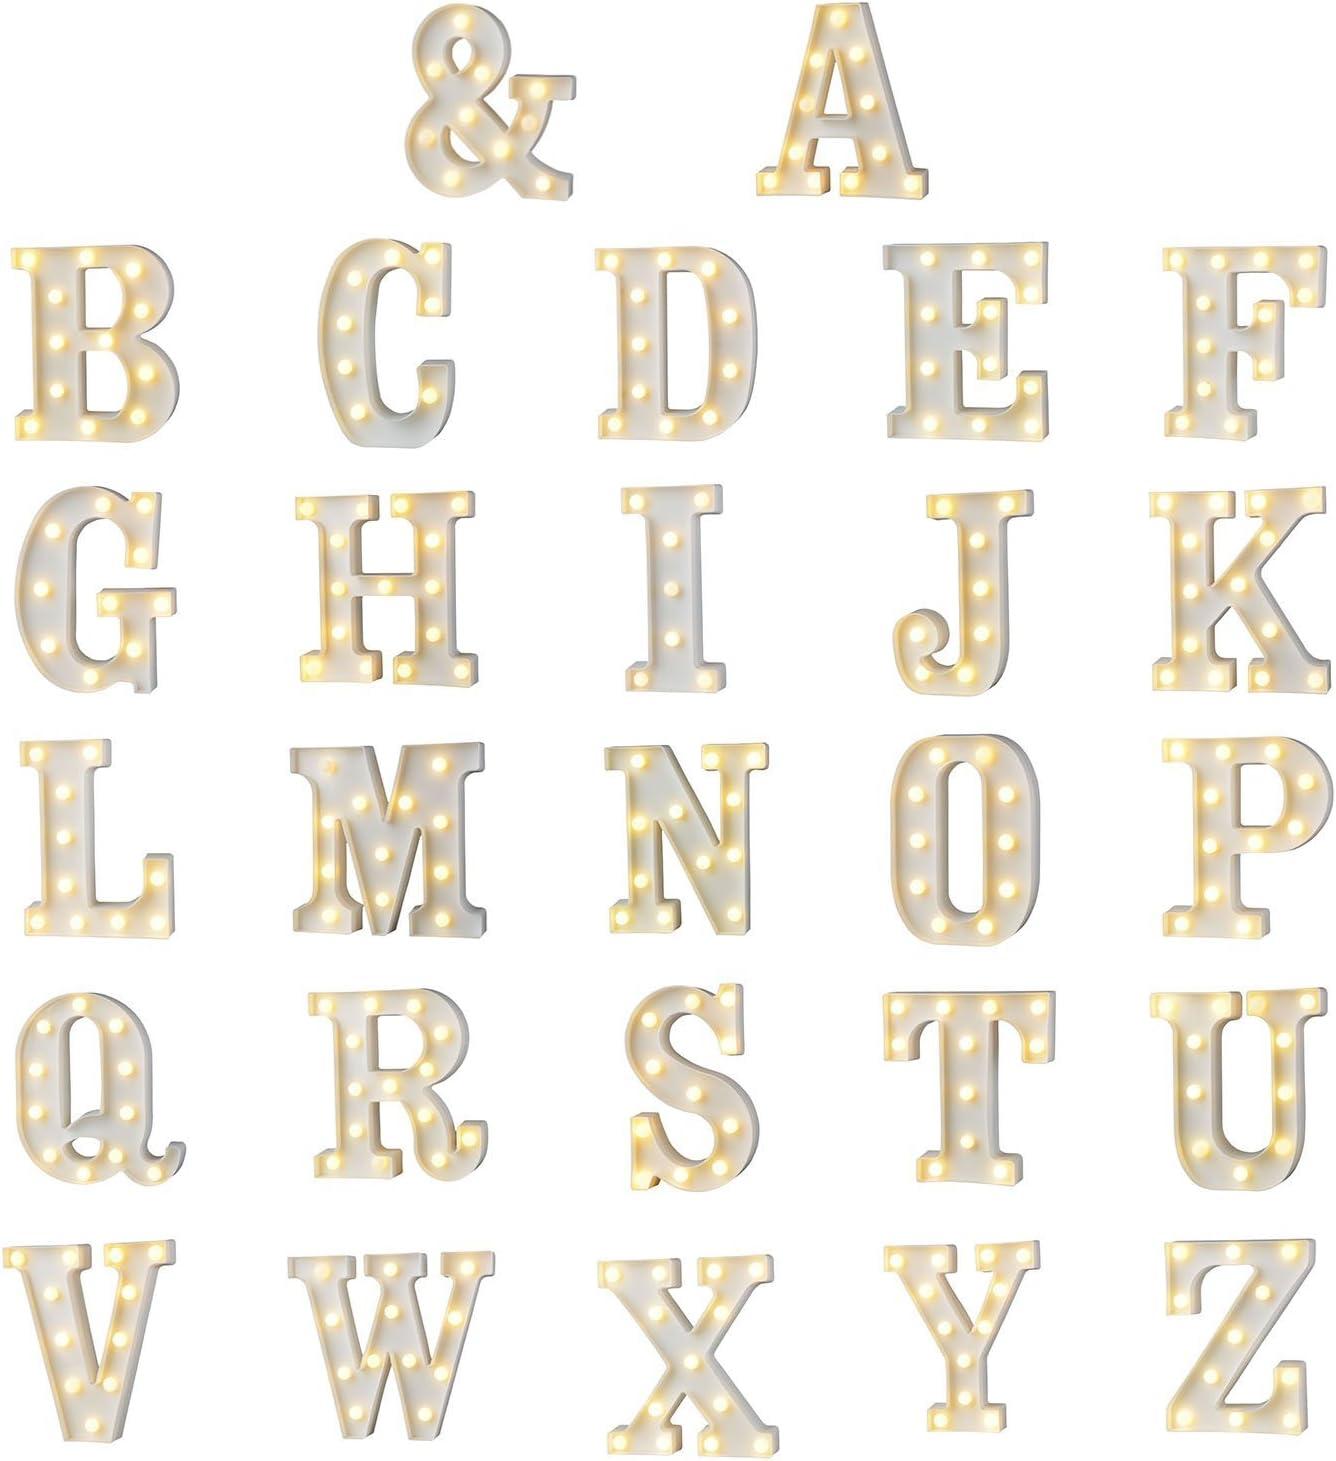 A-Z Alphabet Lumi/ère Blanc LED Nuit Lampes En Plastique Lettre Suspendu /Éclairage Suspendu pour la D/écoration De F/ête De Mariage Chambre De No/ël par Moobom K